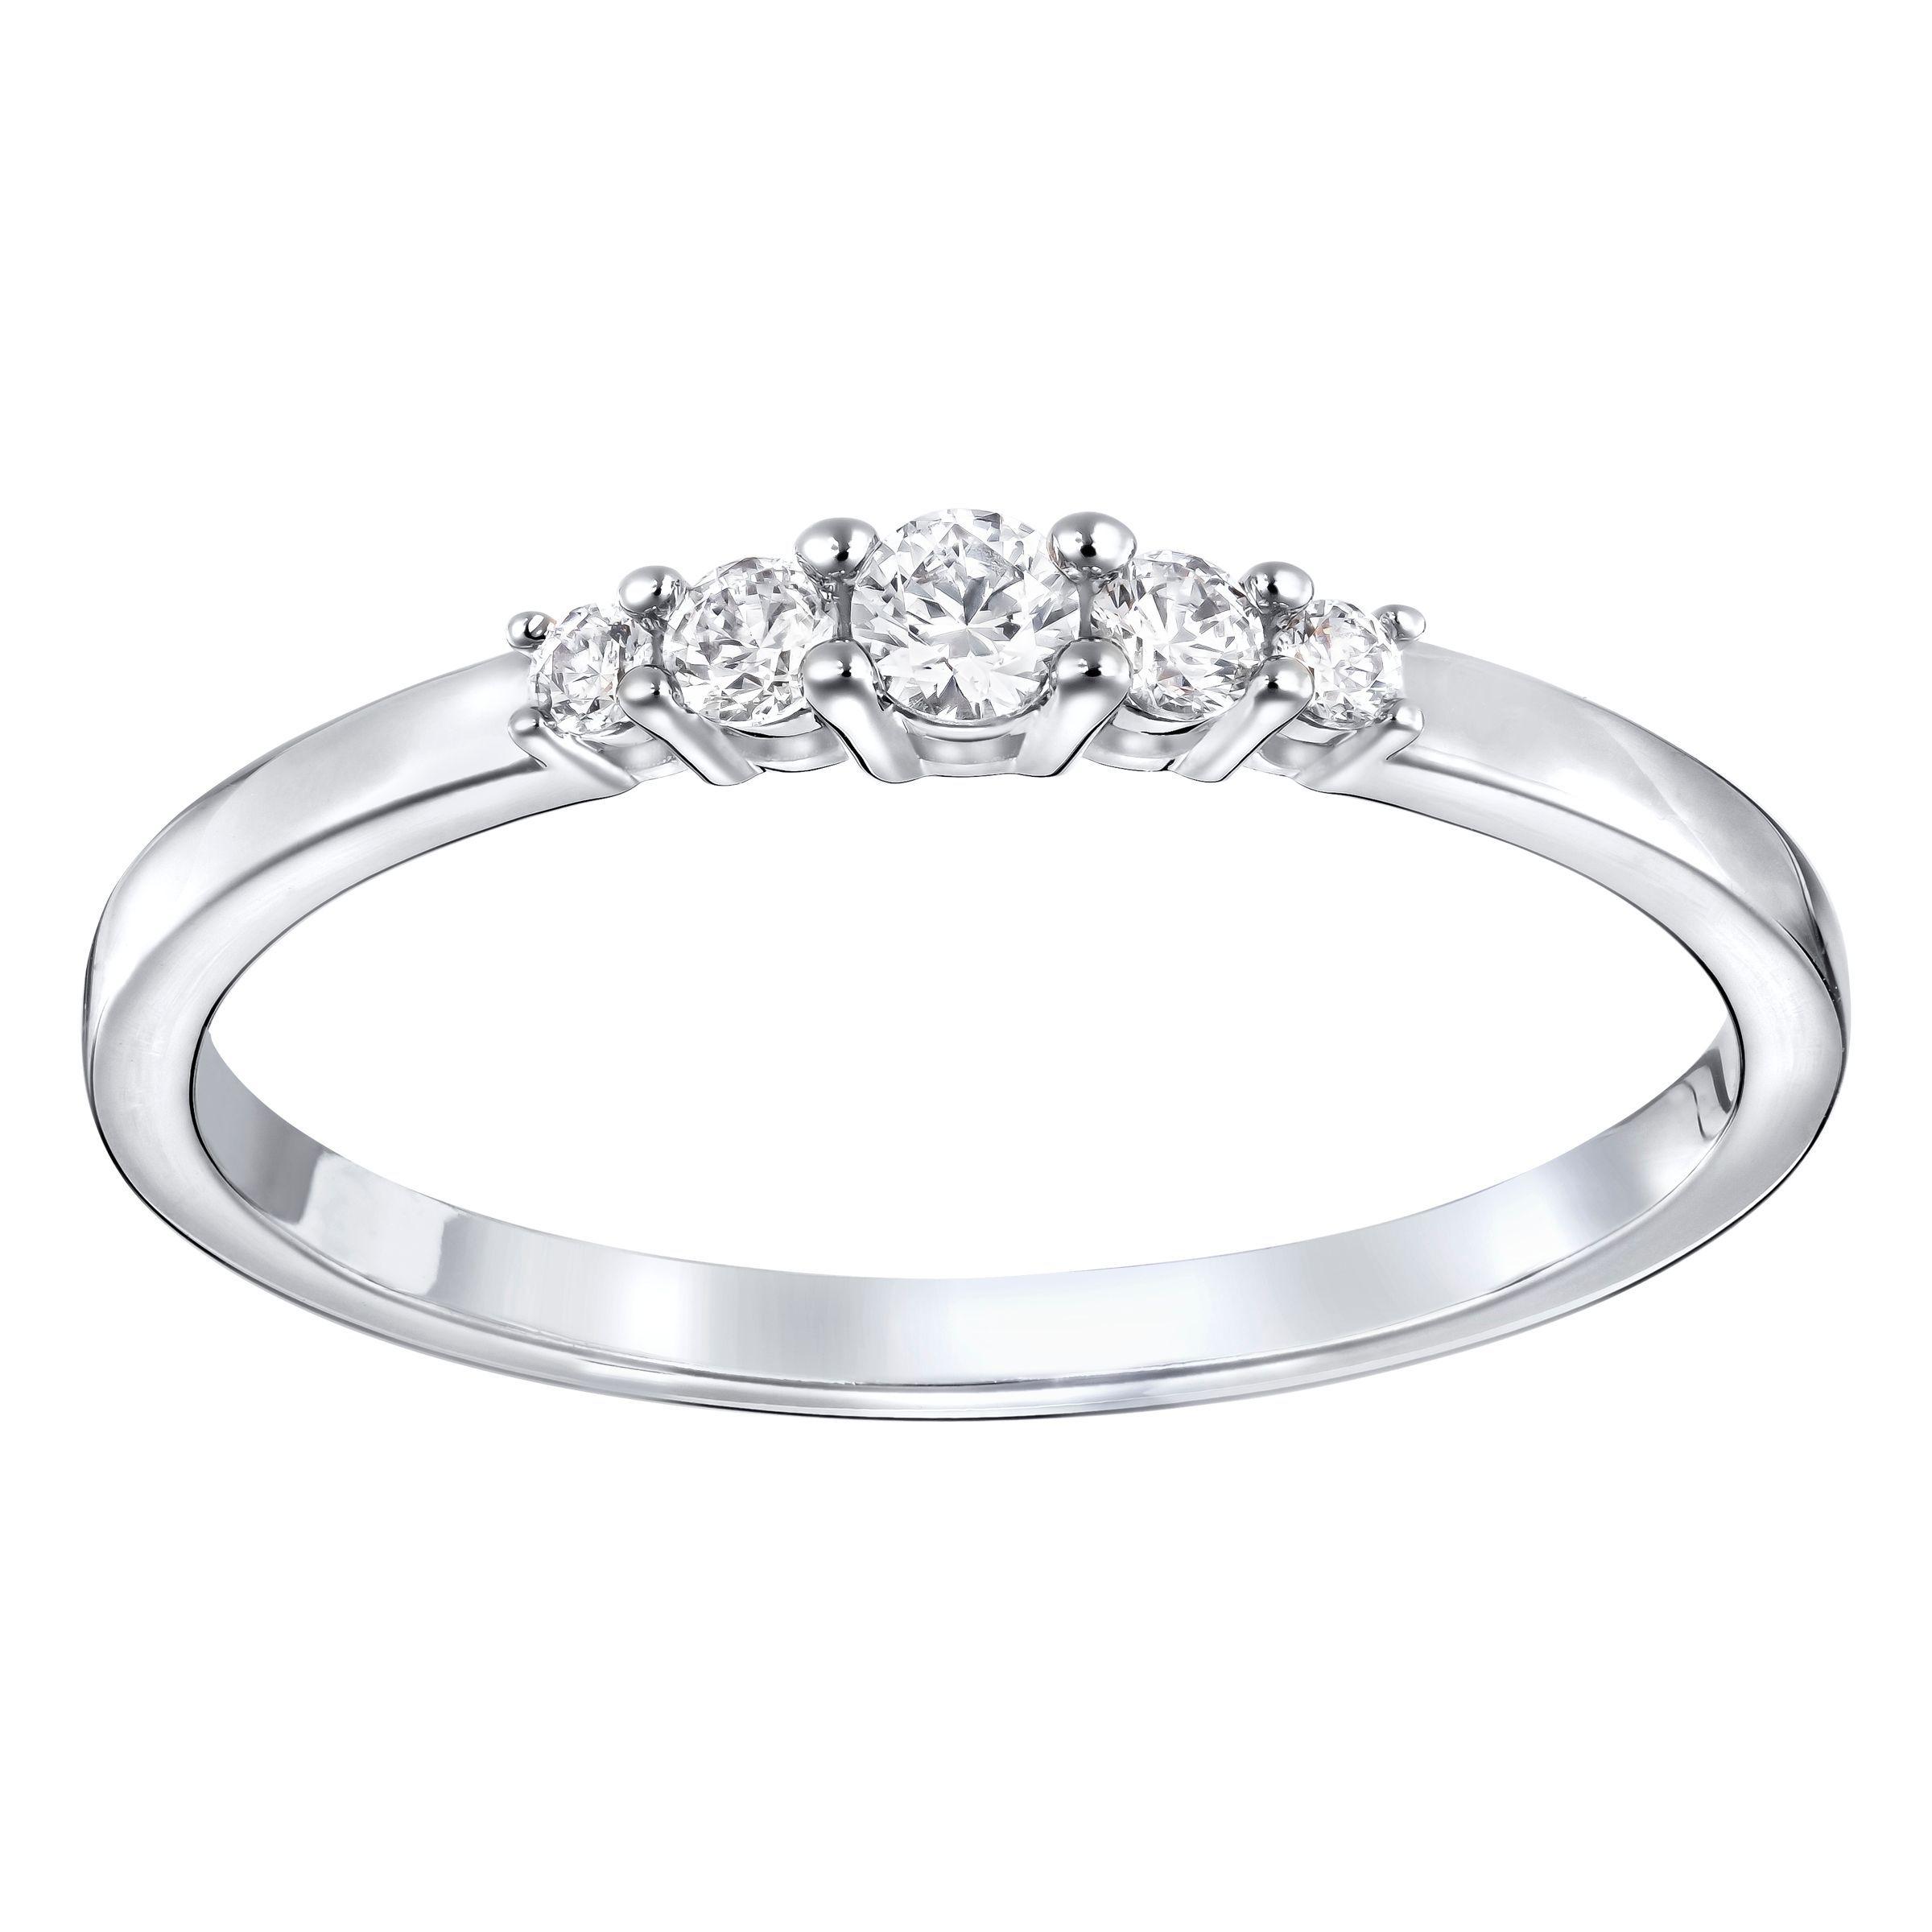 Buy Swarovski Frisson ring, Gold for £45.00 | Swarovski ...